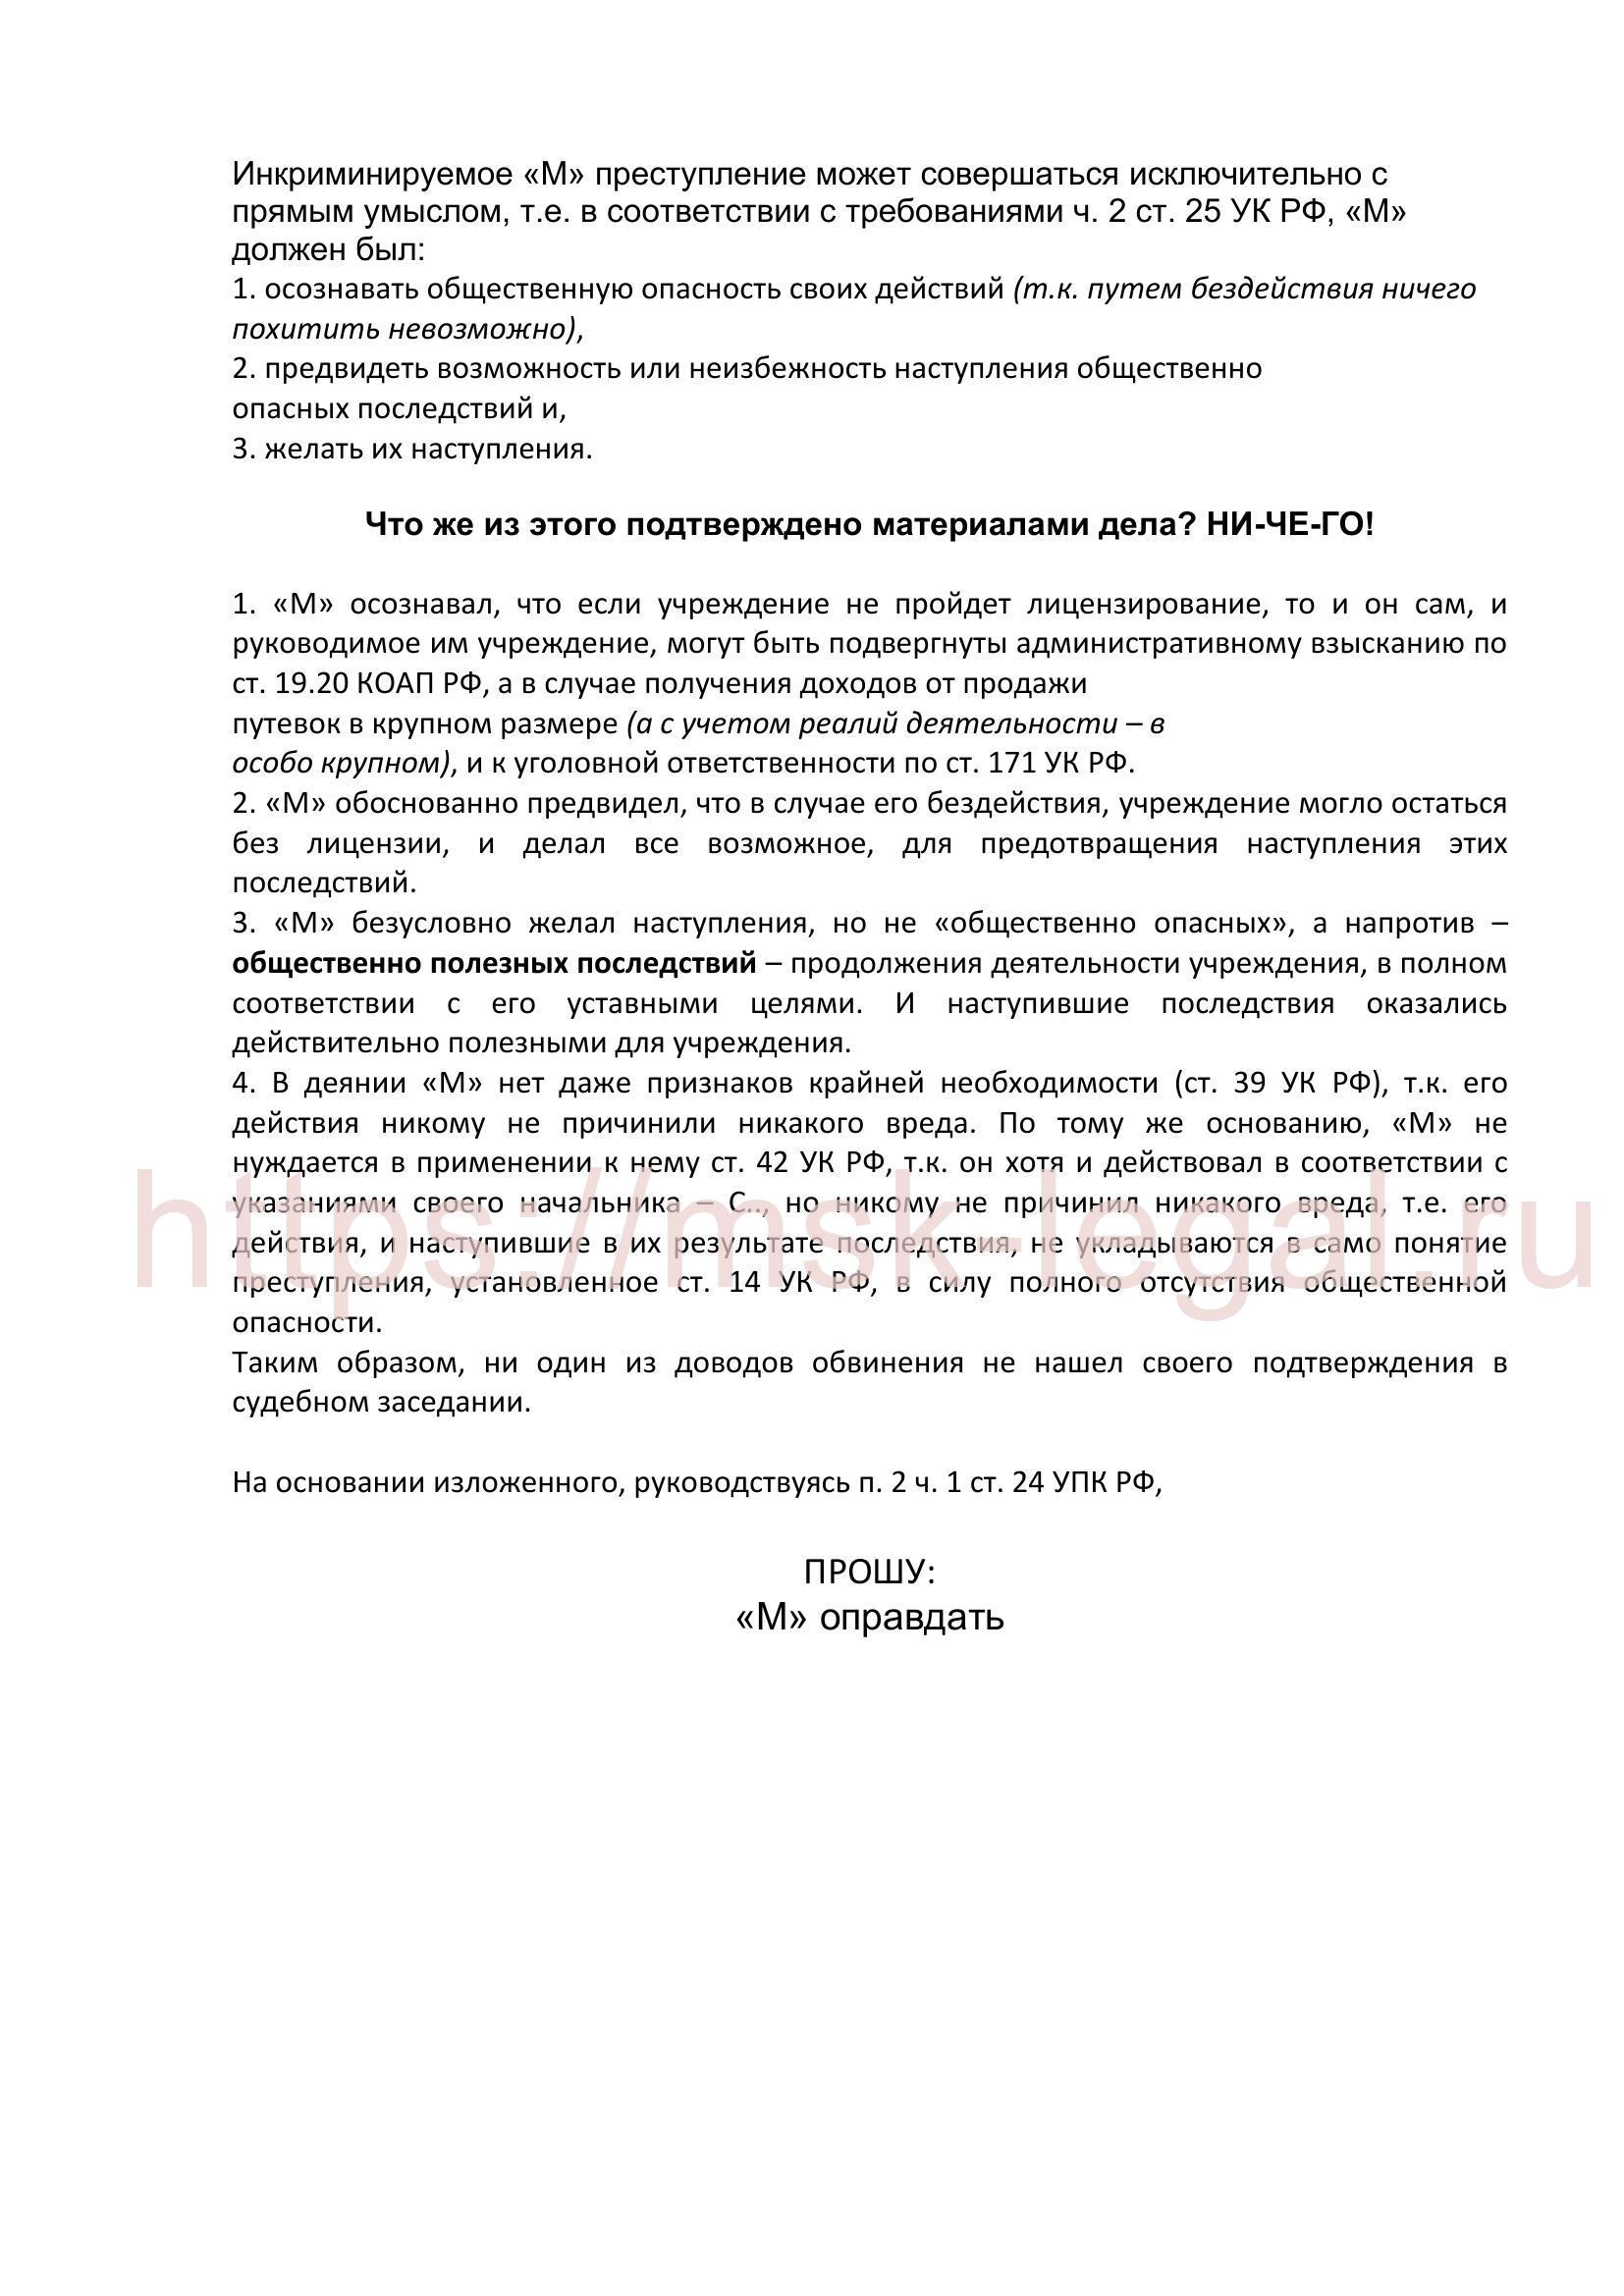 Речь защитника об оправдании подсудимого по ст. 160 УК РФ